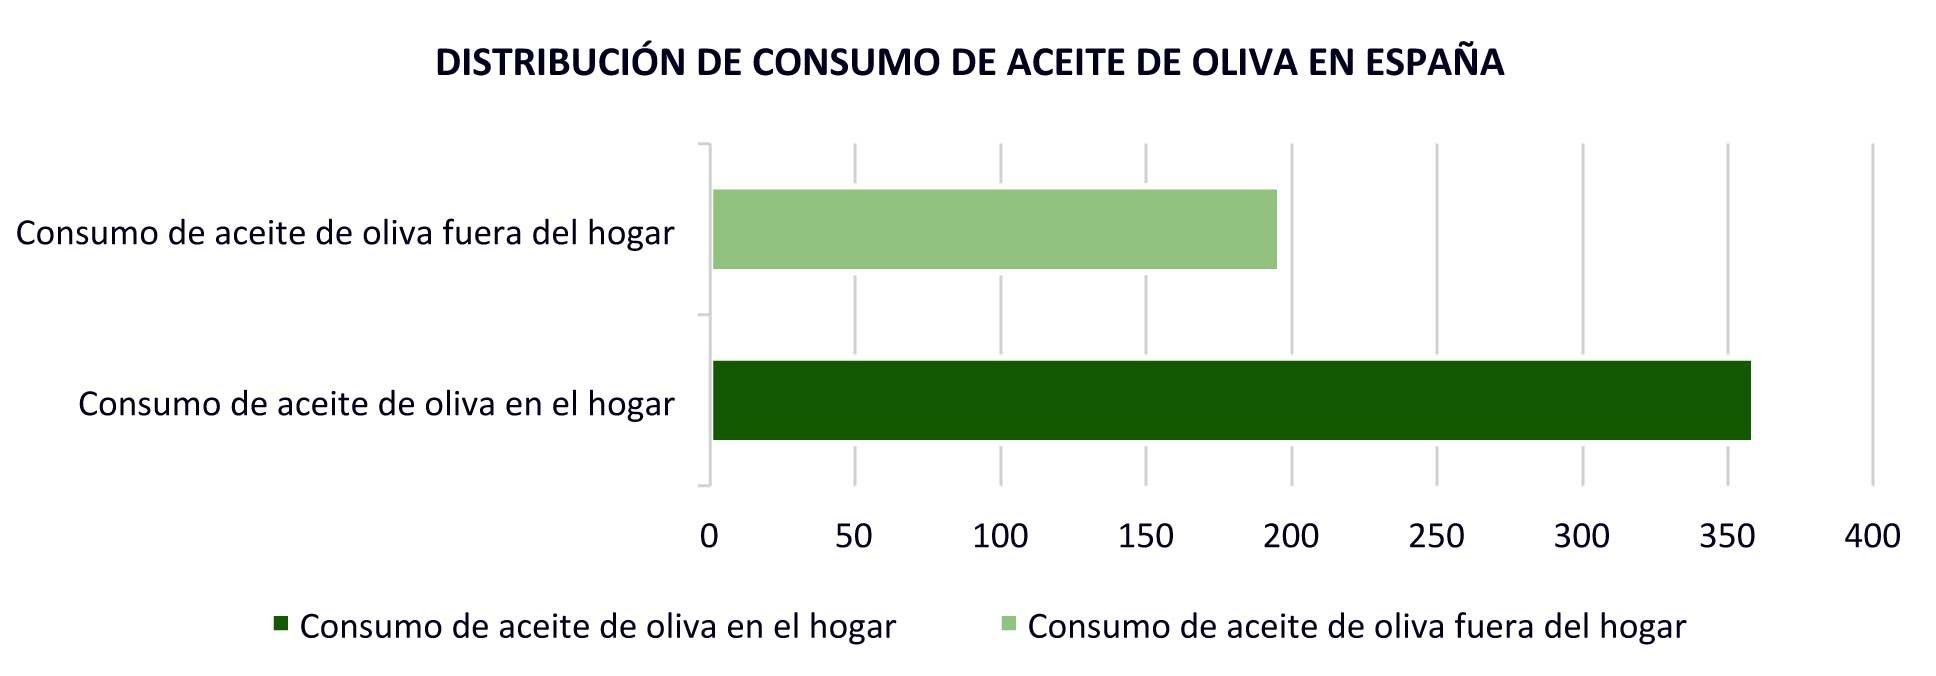 consumo-aceite-oliva